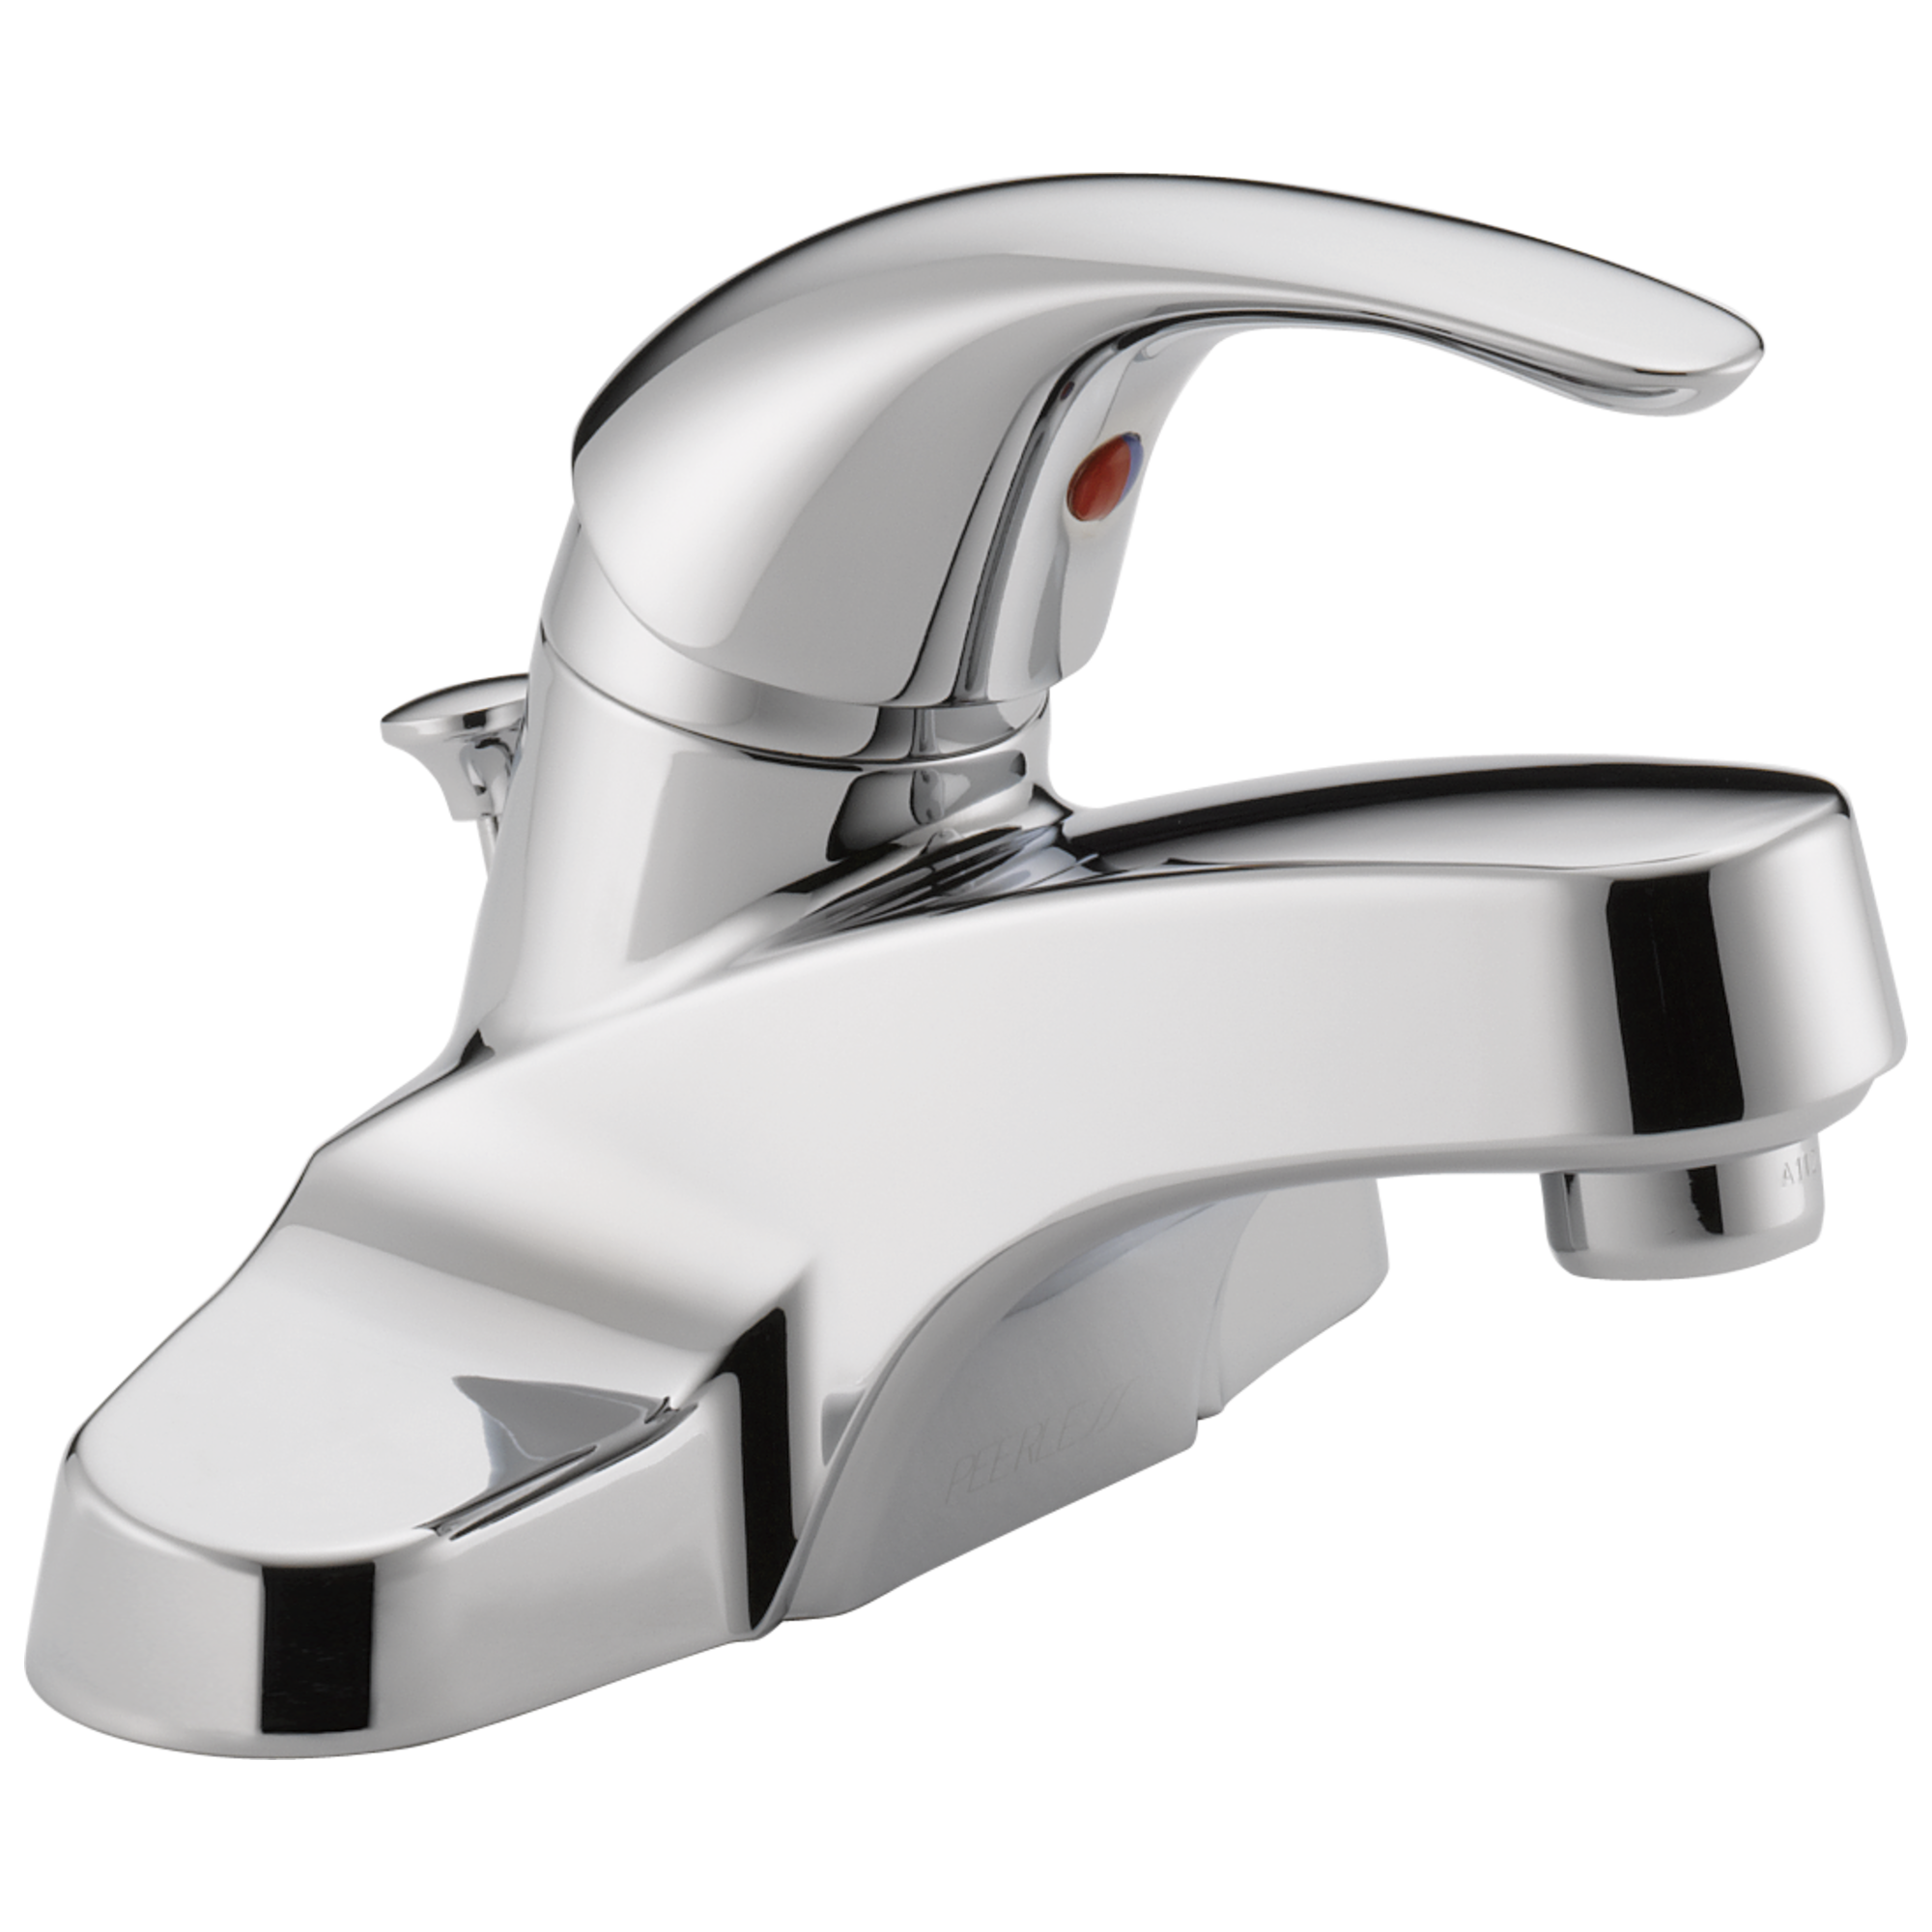 P188620LF-ECO-W - Single Handle Centerset Lavatory Faucet